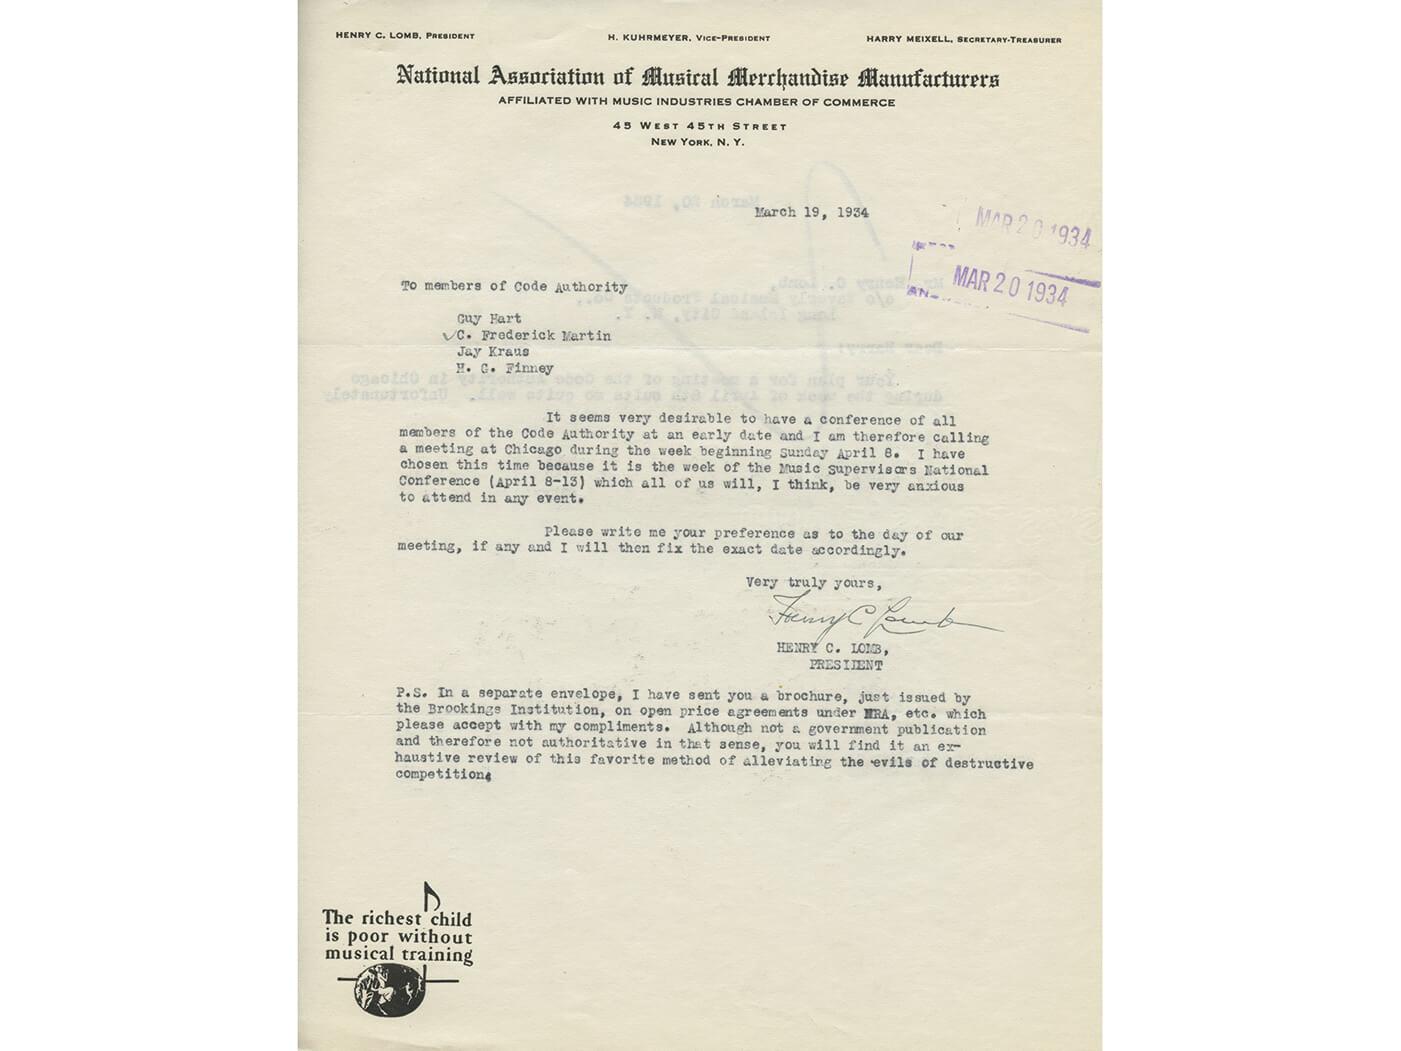 NAMM History Letter